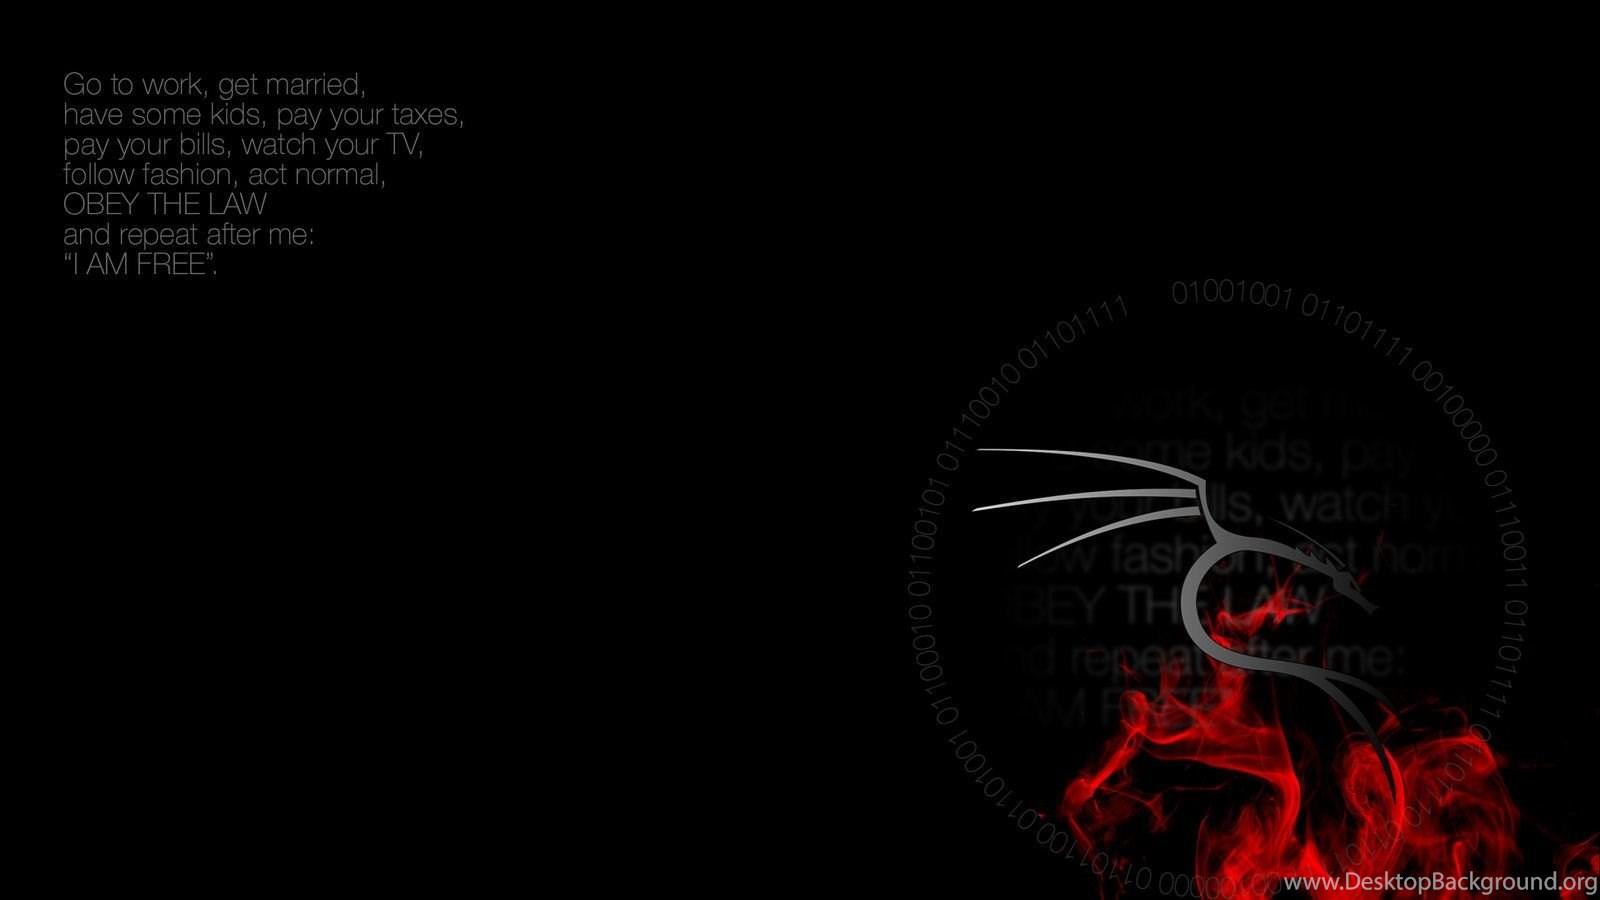 Kali linux wallpapers 39 i am free 39 desktop background - Kali linux wallpaper download ...